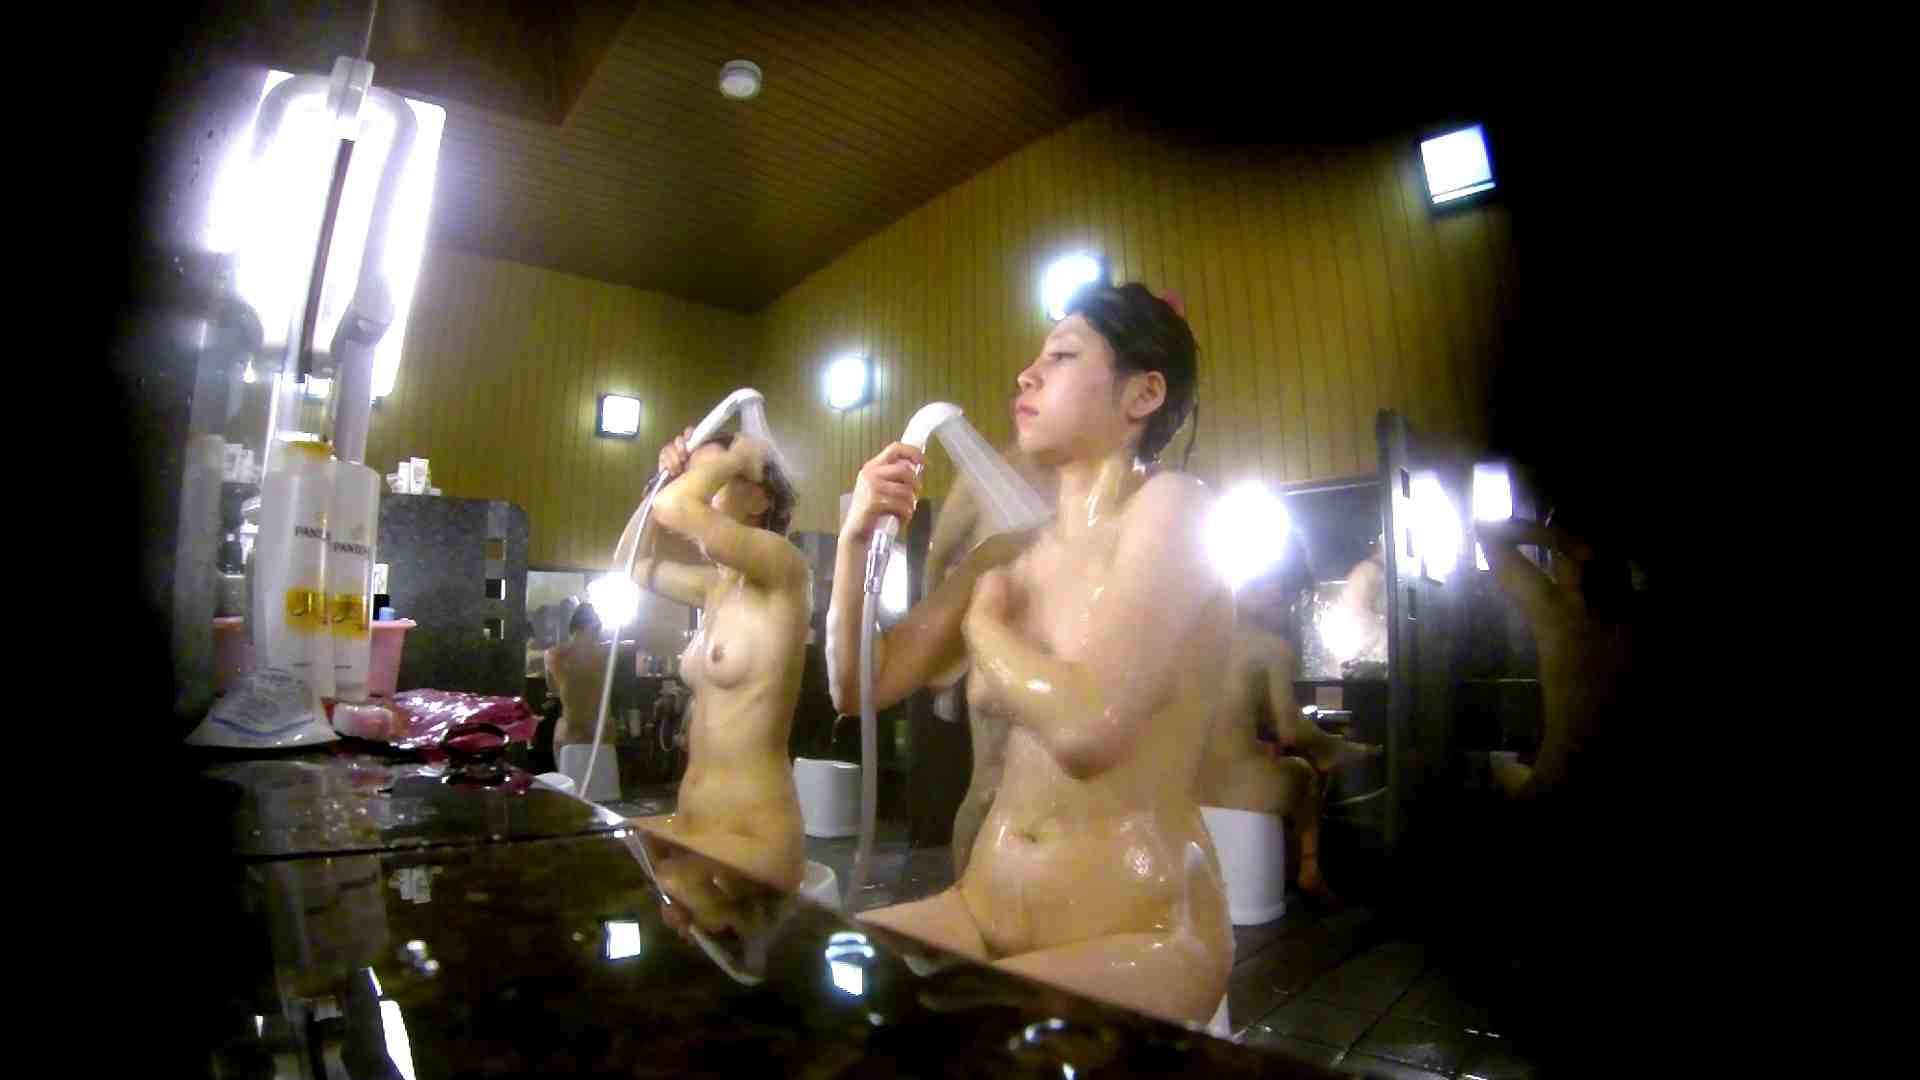 洗い場!柔らかそうな身体は良いけど、歯磨きが下品です。 巨乳 SEX無修正画像 107画像 102